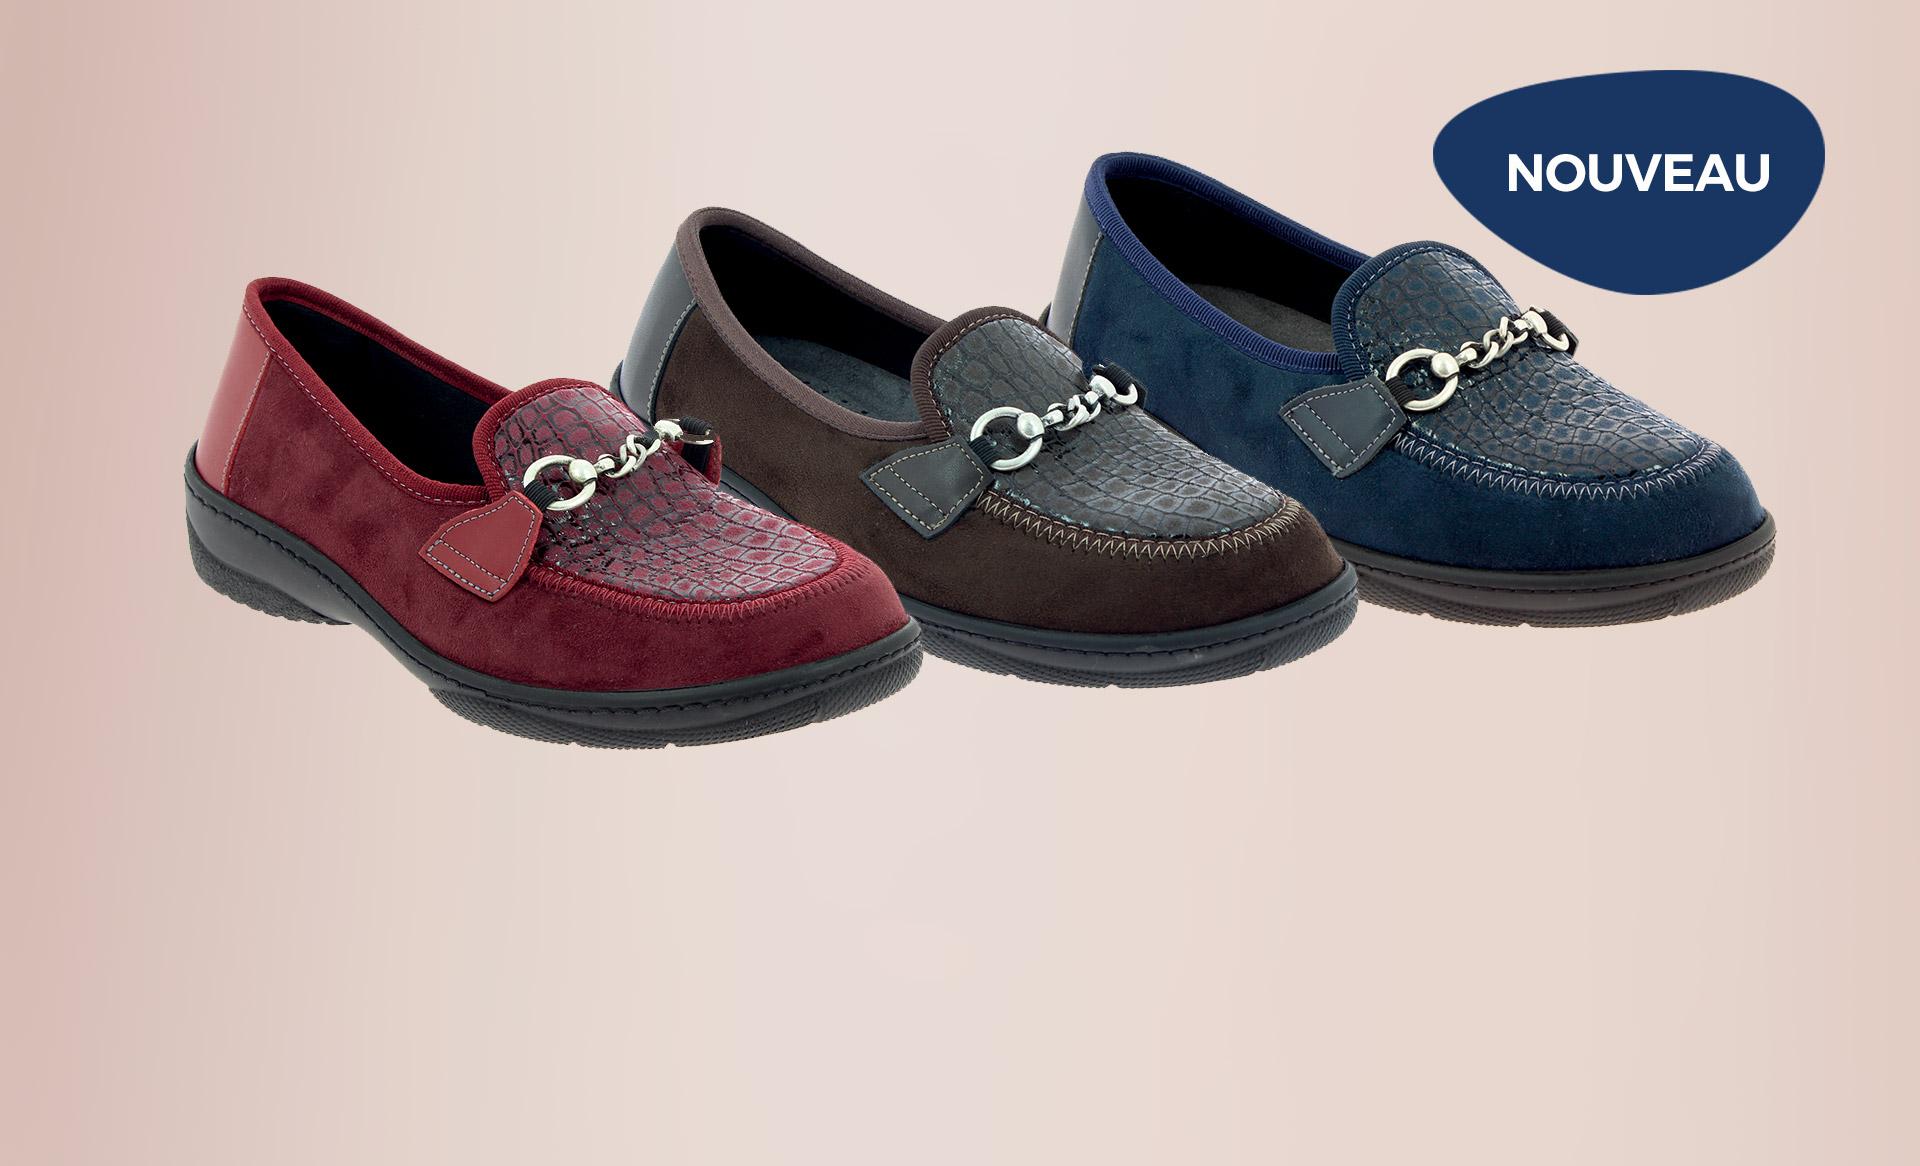 Chaussures orthopédiques CHUT Magik